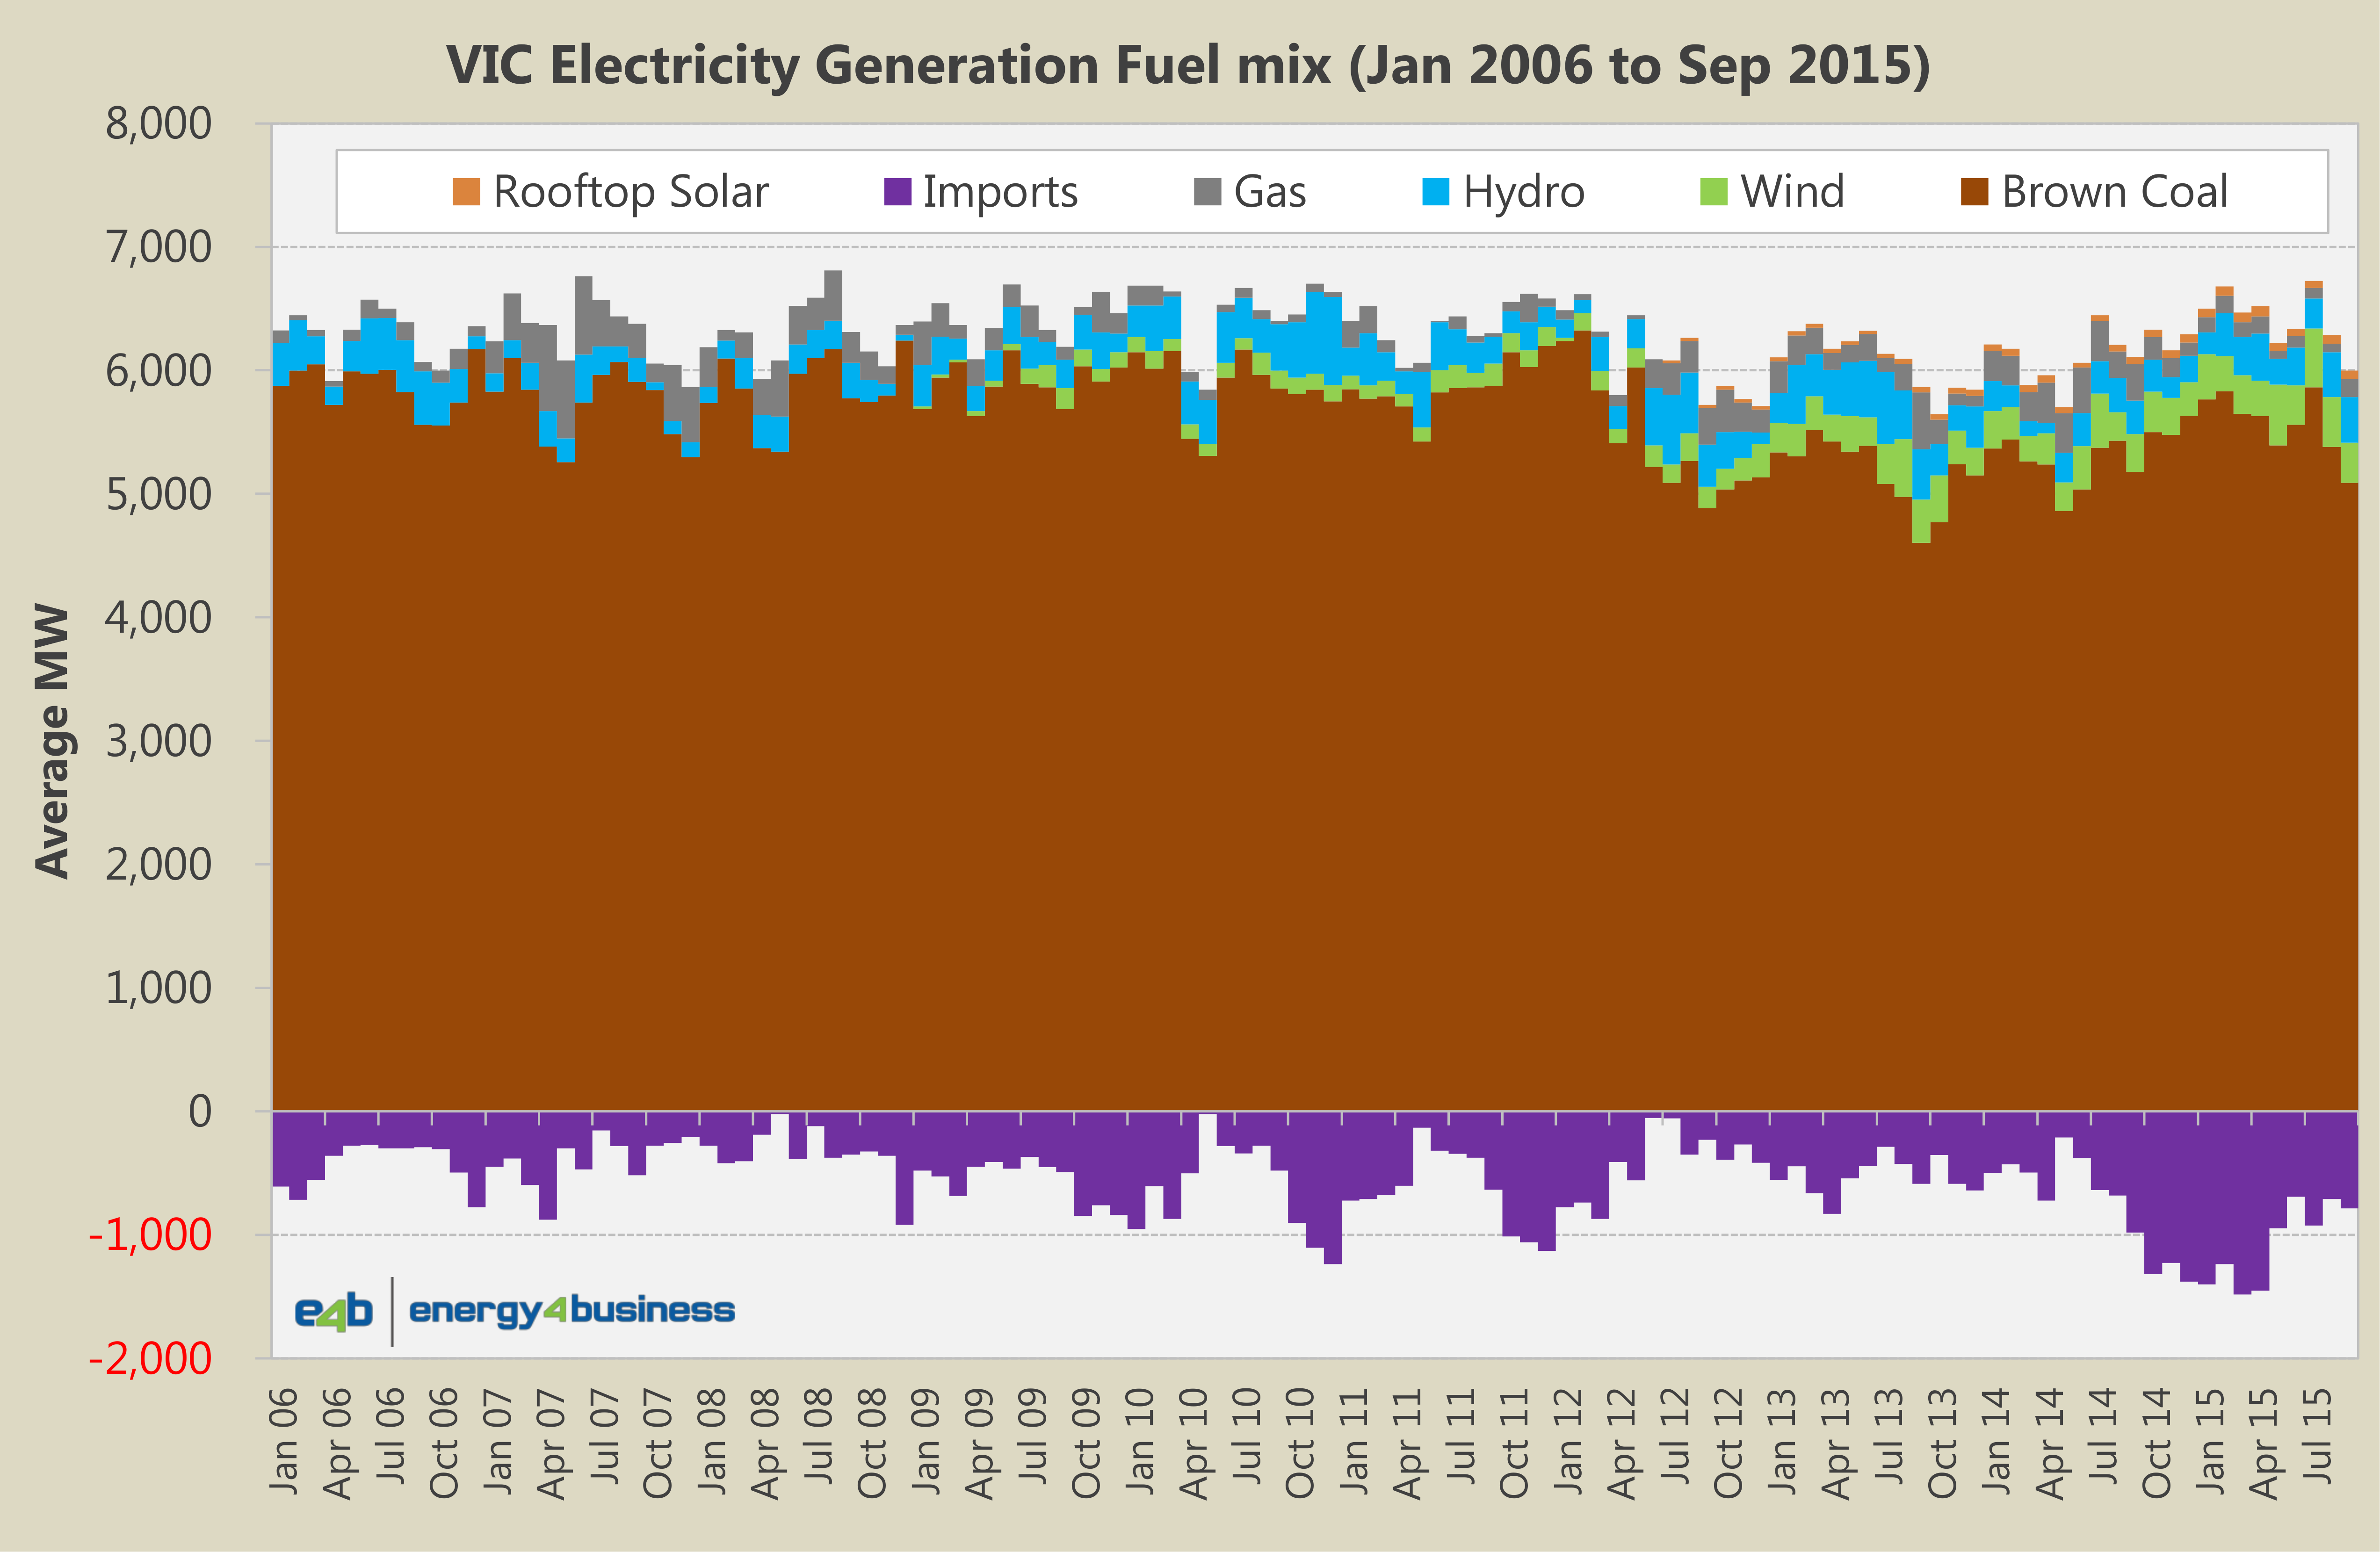 Fuel Generation Mix - VIC